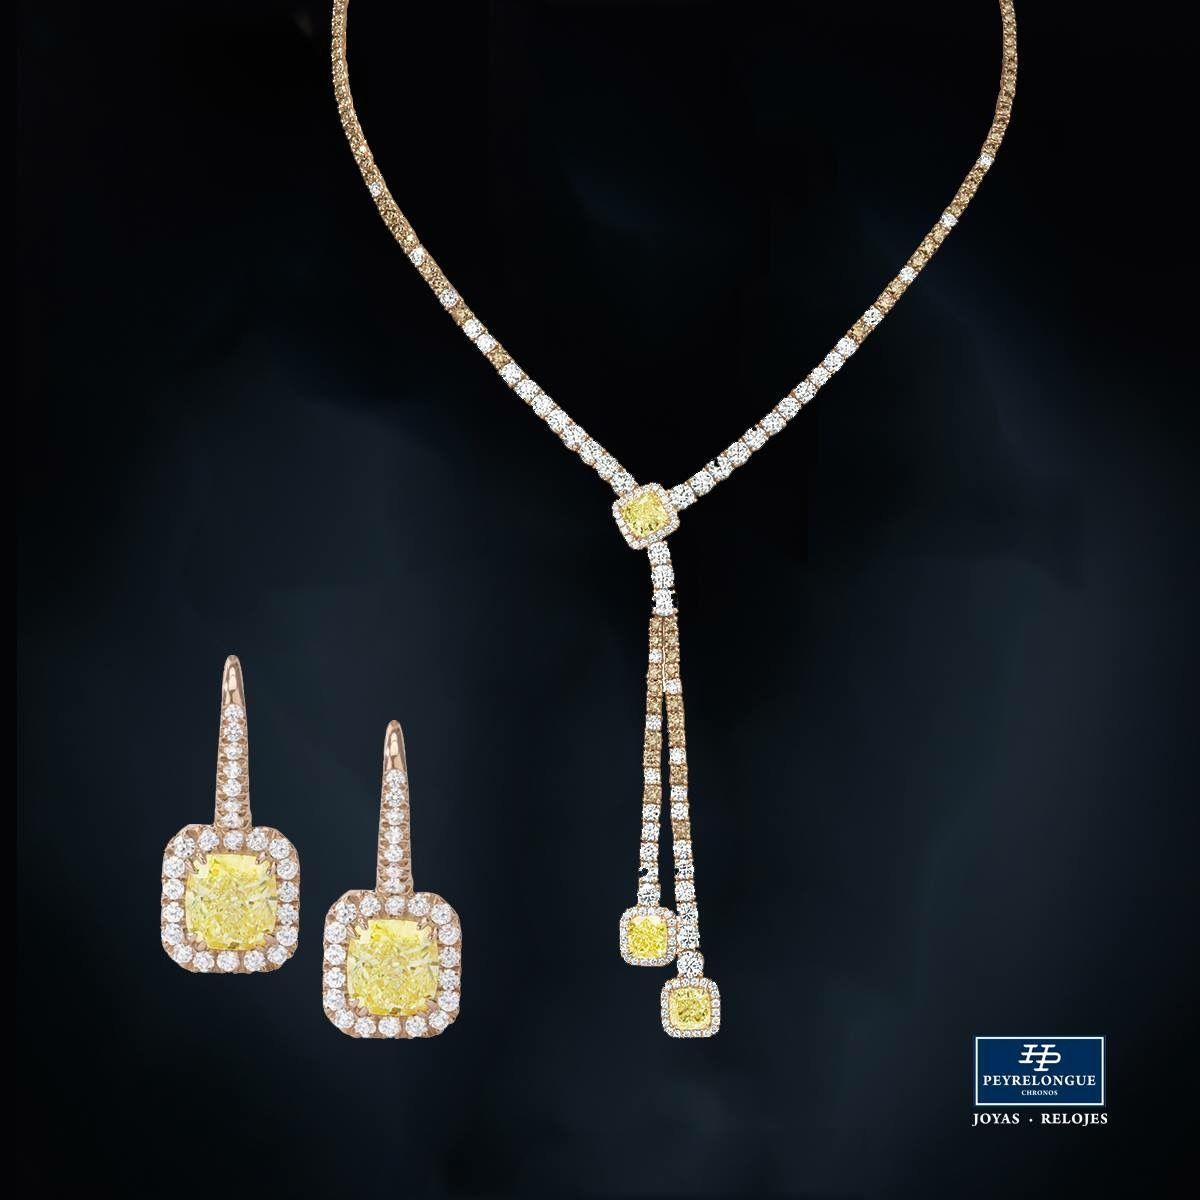 043c159974e8  JoyasPeyrelongue JUEGO DE DIAMANTES AMARILLOS Y CAFÉS Collar de diamantes  amarillos